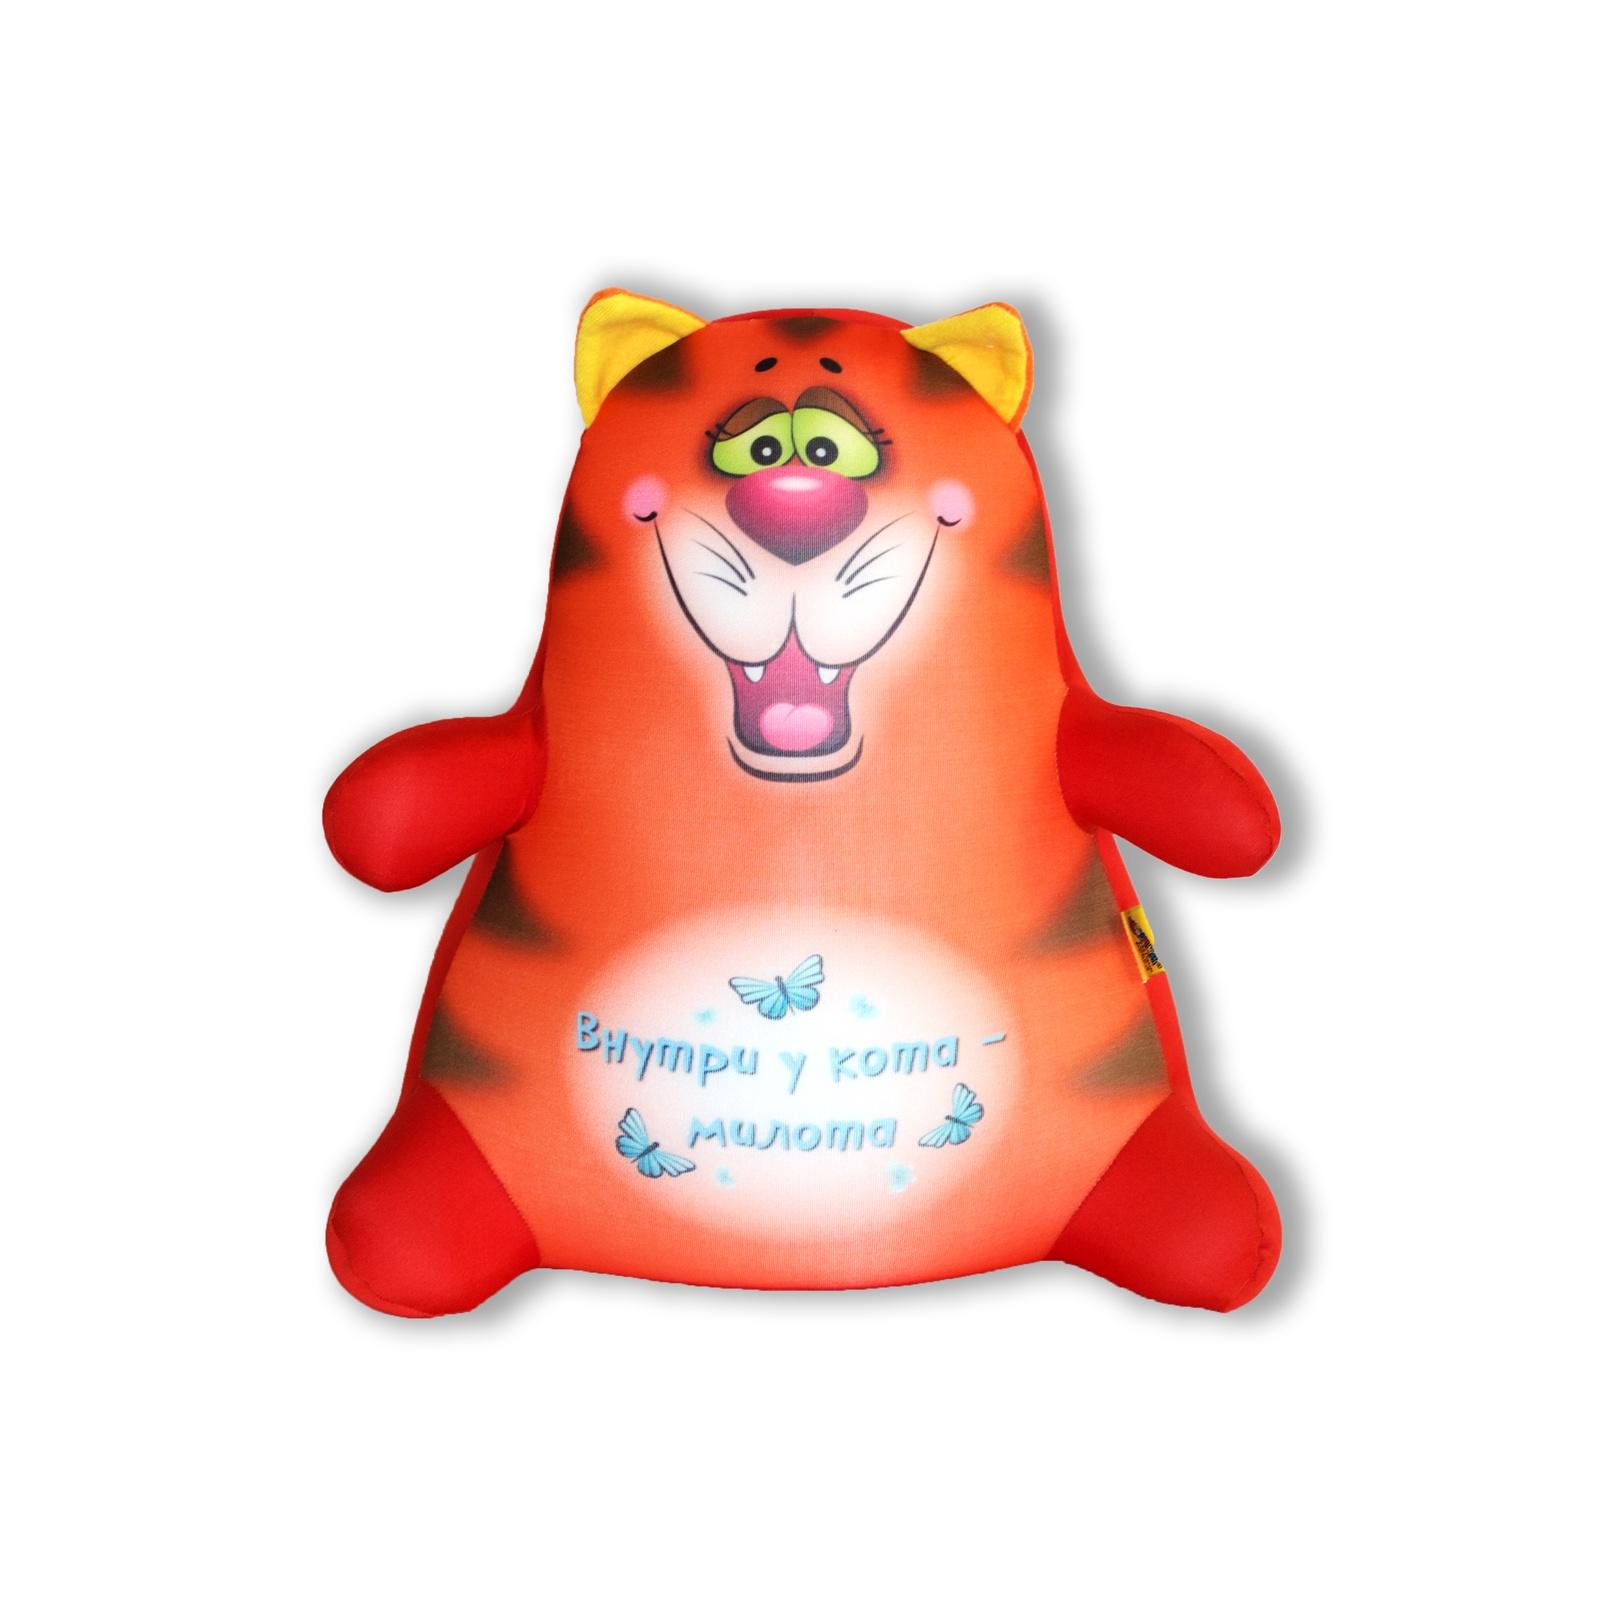 Подушка-игрушка Штучки, к которым тянутся ручки антистресс Котики Обормотики, рыжий, оранжевый